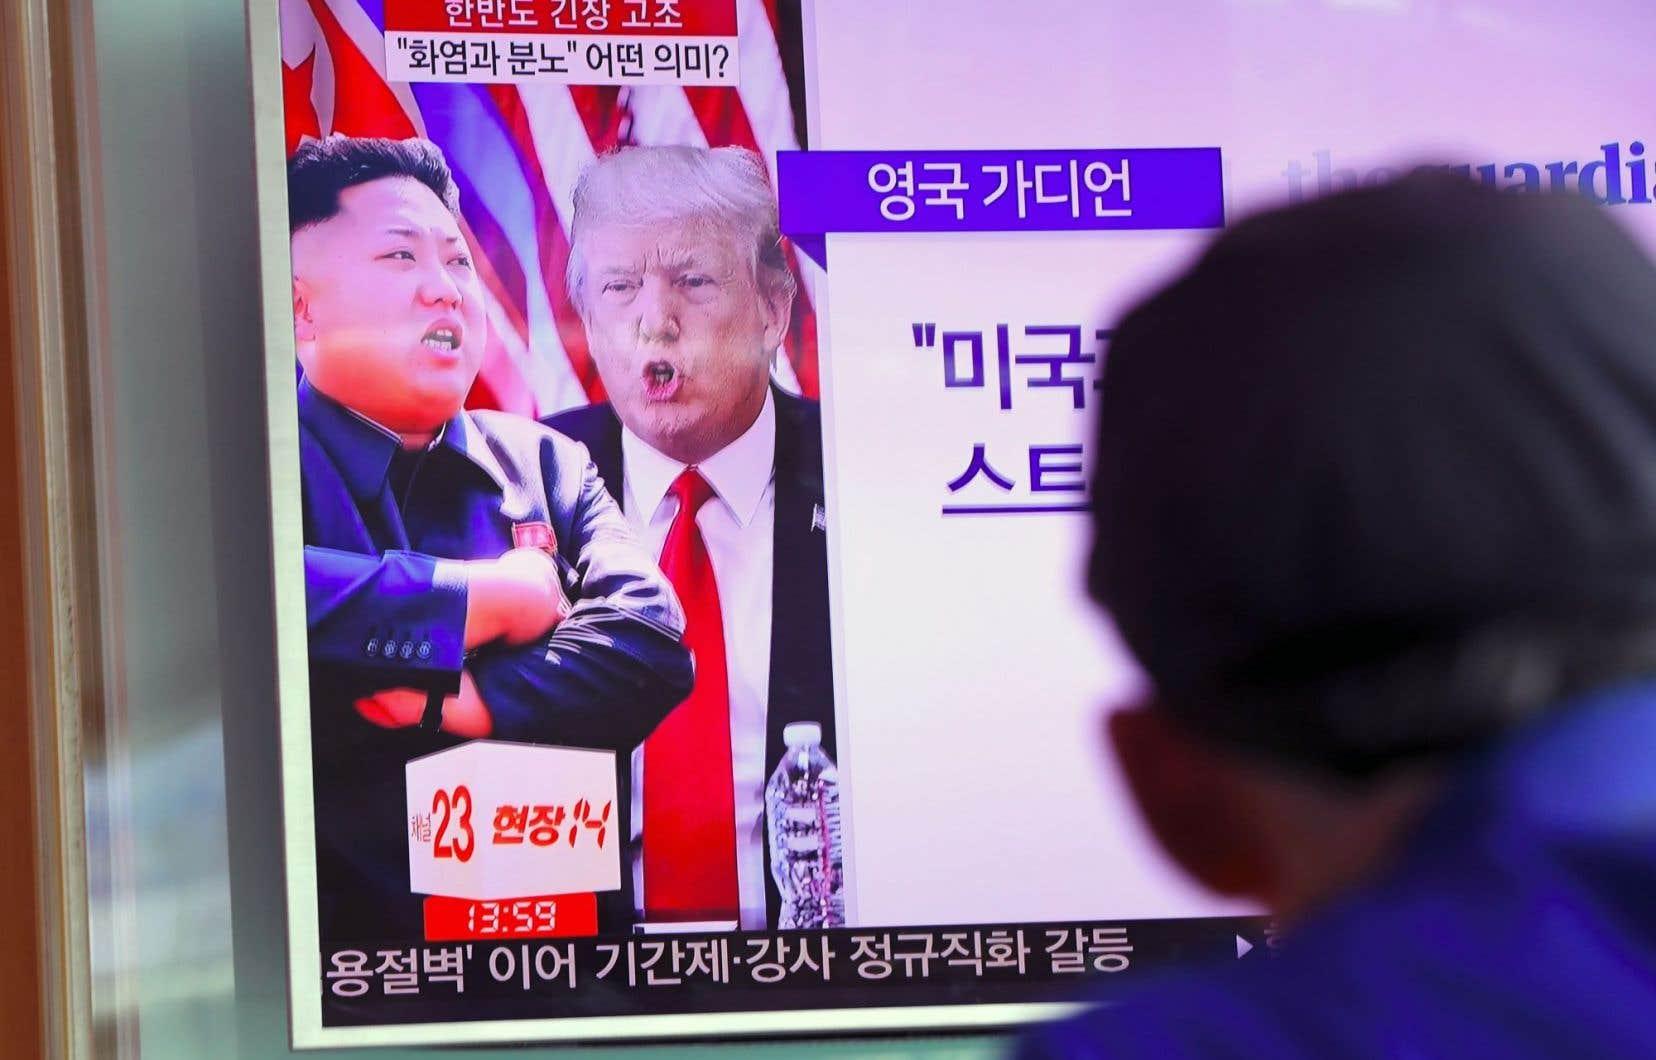 Kim Jong-un et Donald Trump apparaissent sur un téléviseur dans une gare de la capitale de la Corée du Sud, Séoul, mercredi.